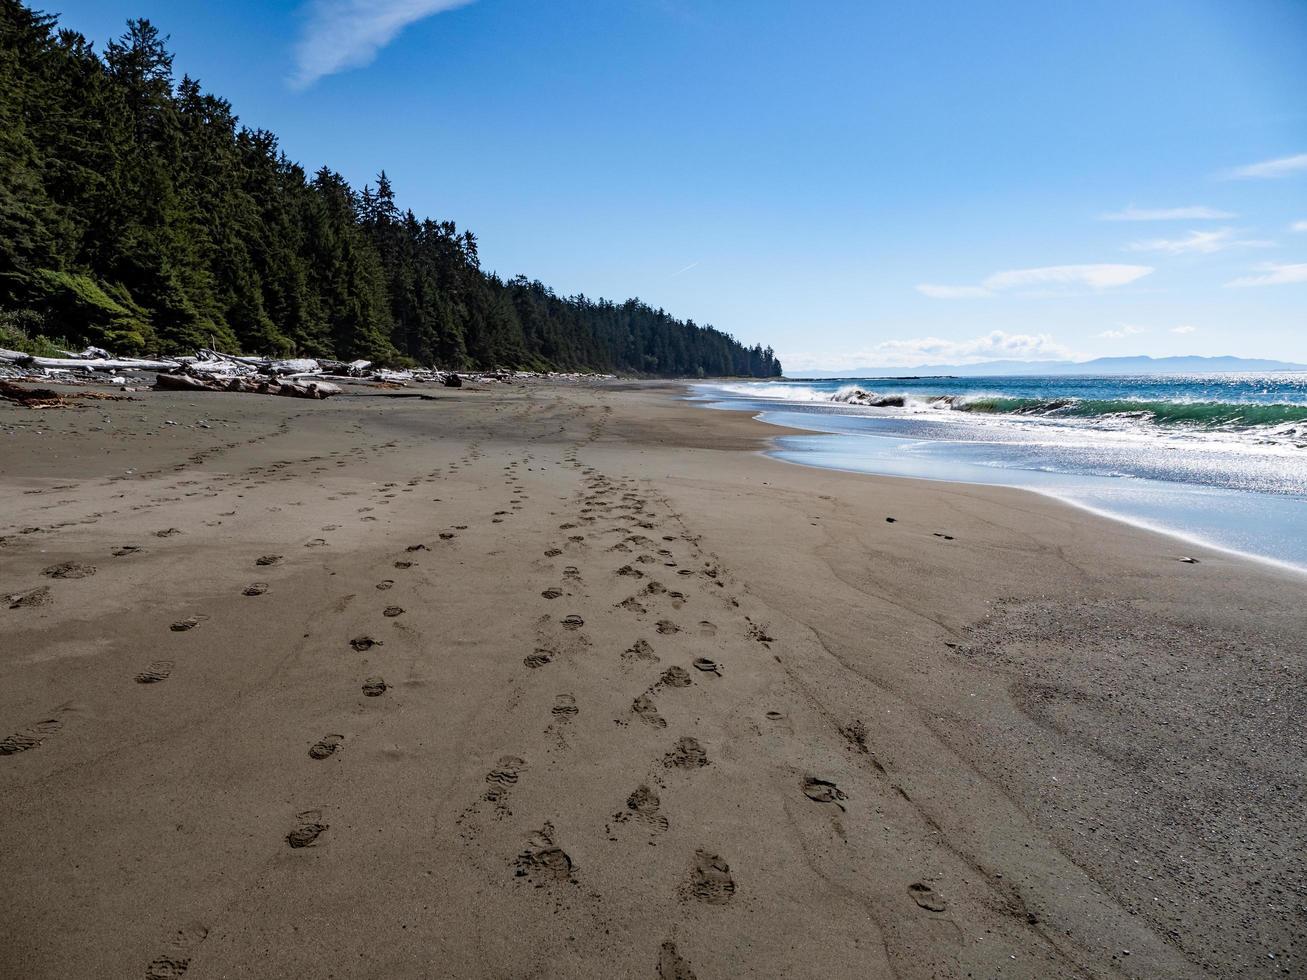 spiaggia con alberi verdi e cielo blu foto